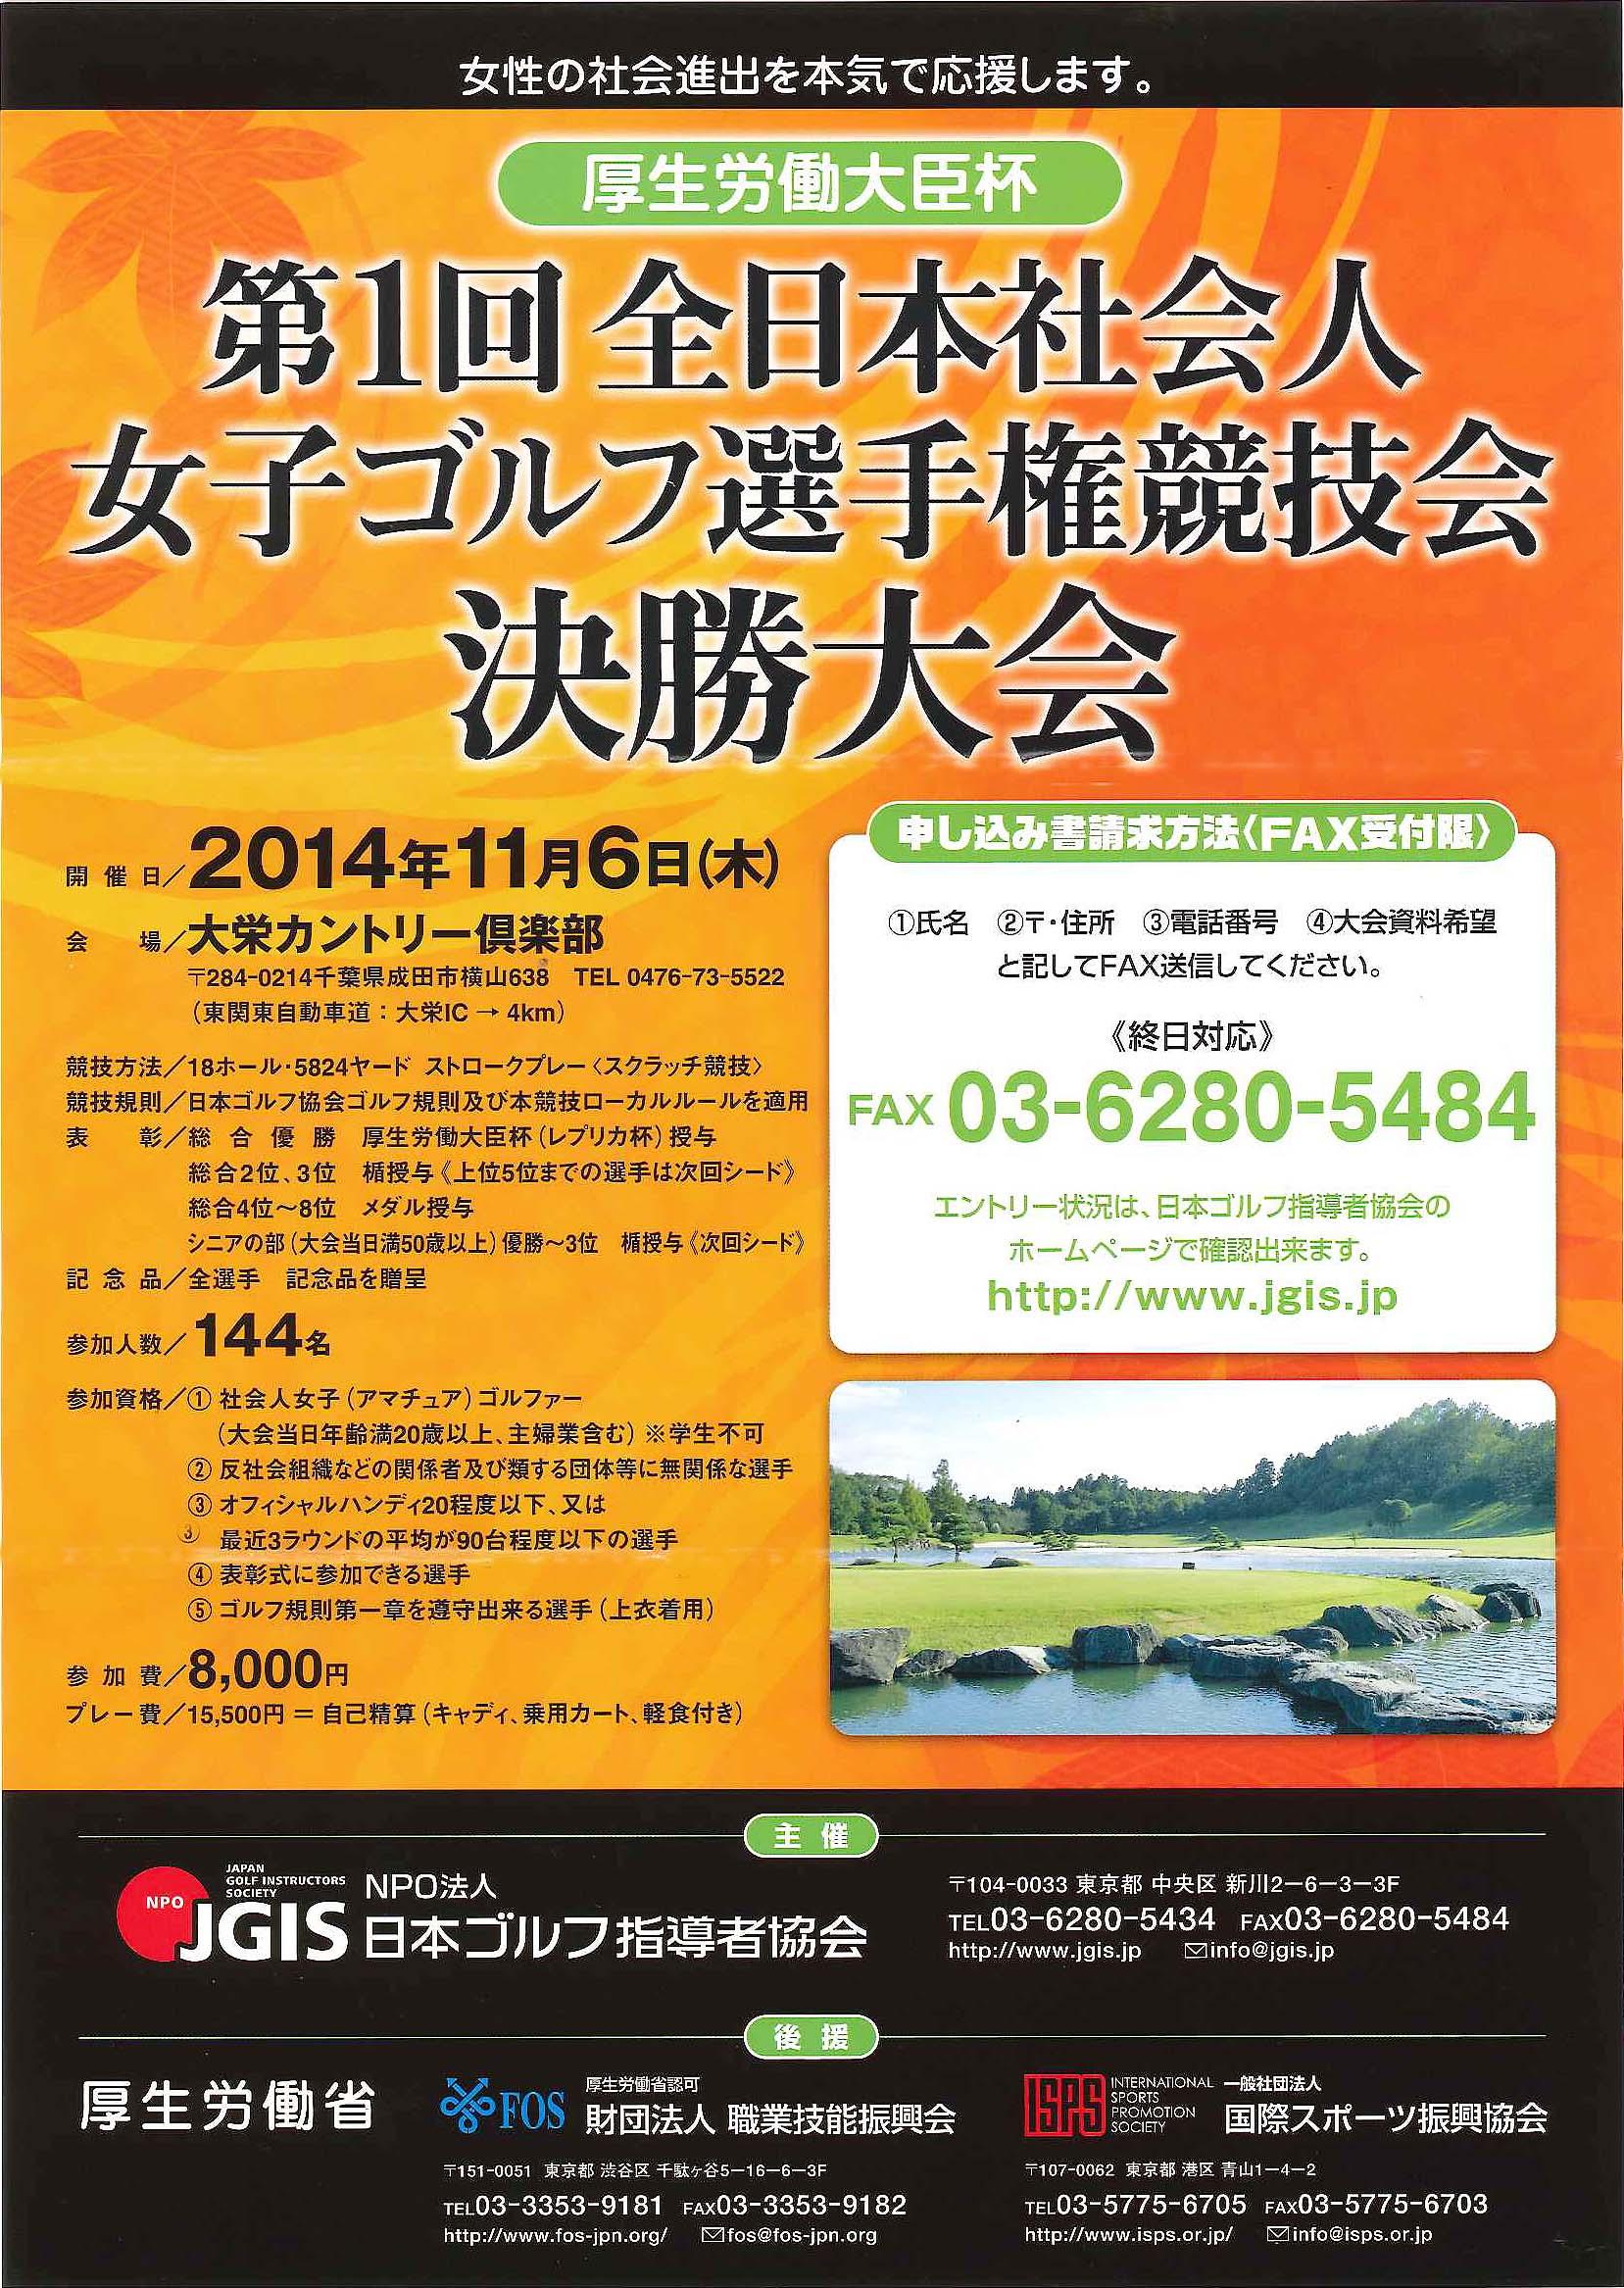 厚生労働大臣杯 アマチュア女子社会人ゴルファーだけの全国大会を創設 第1回 全日本社会人女子ゴルフ選手権・決勝大会 開催!「働く女性のための」公式ゴルフ競技会へと発展めざす。